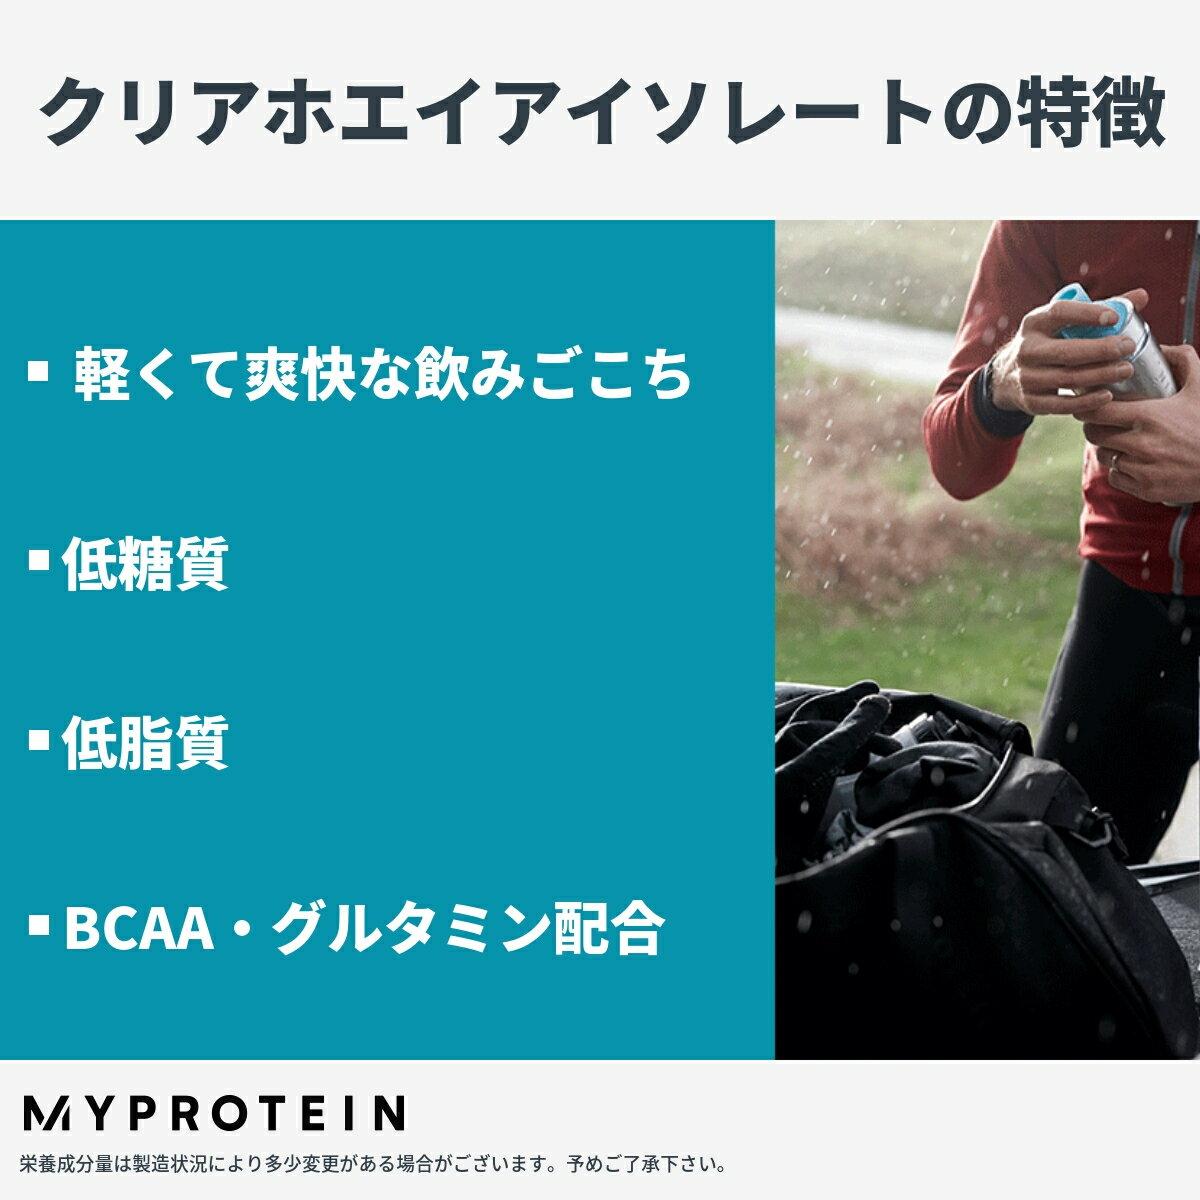 【数量限定】マイプロテイン公式【MyProtein】クリアホエイアイソレート【楽天海外直送】